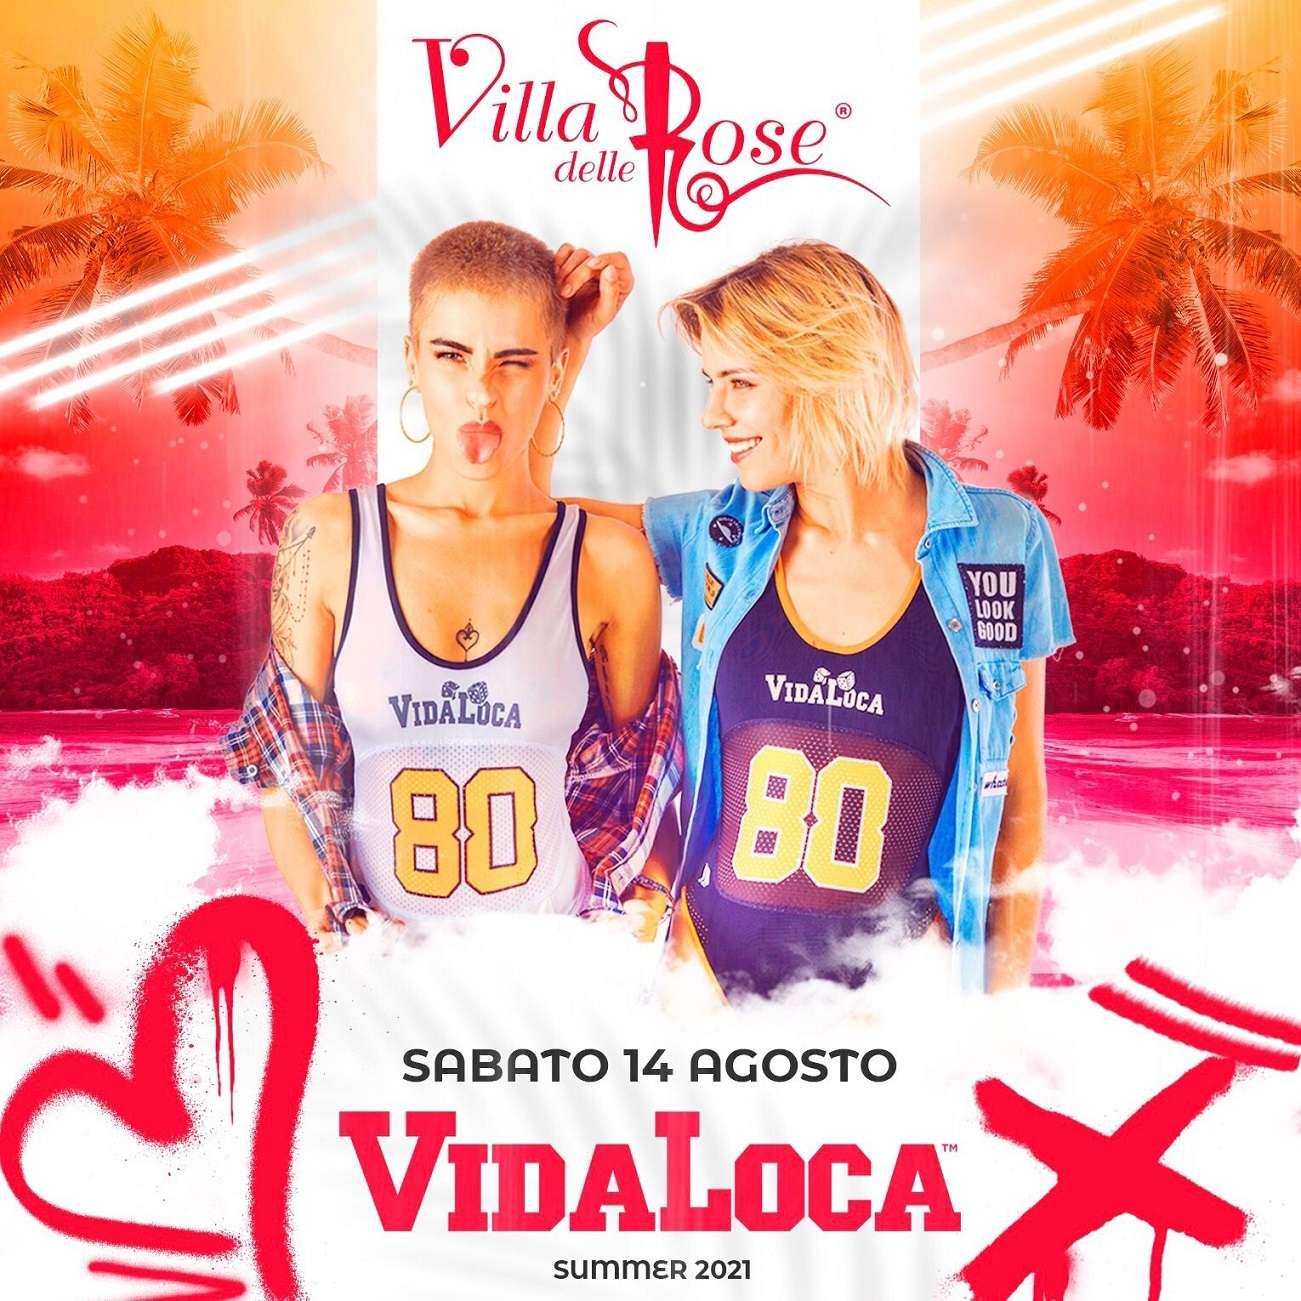 VIDA LOCA - SABATO 14 AGOSTO Villa delle Rose  misano adriatico